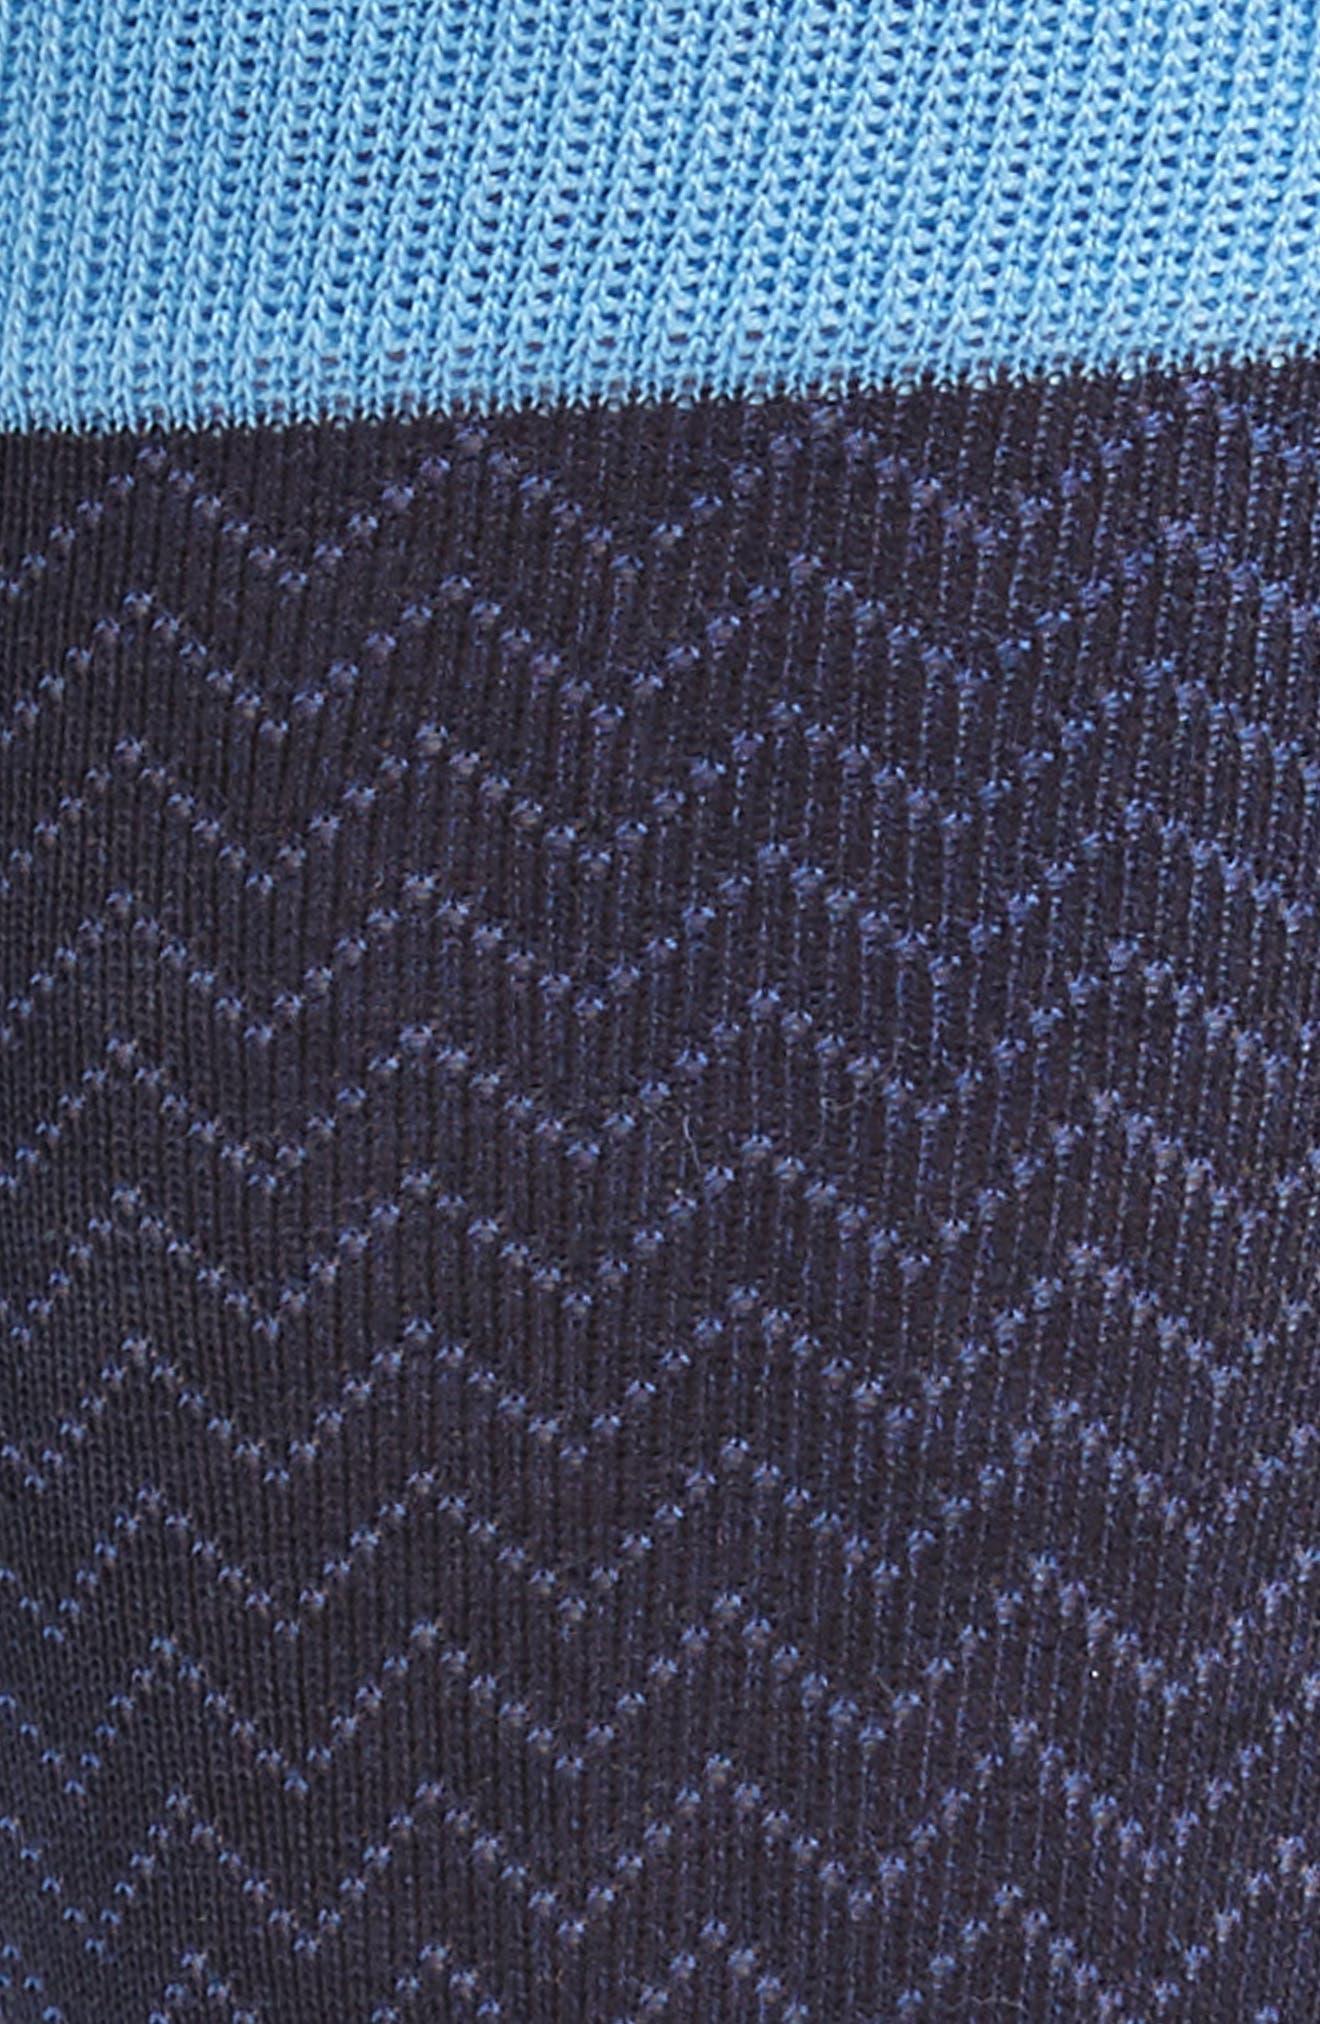 Mercerized Herringbone Socks,                             Alternate thumbnail 2, color,                             Navy/ Blue